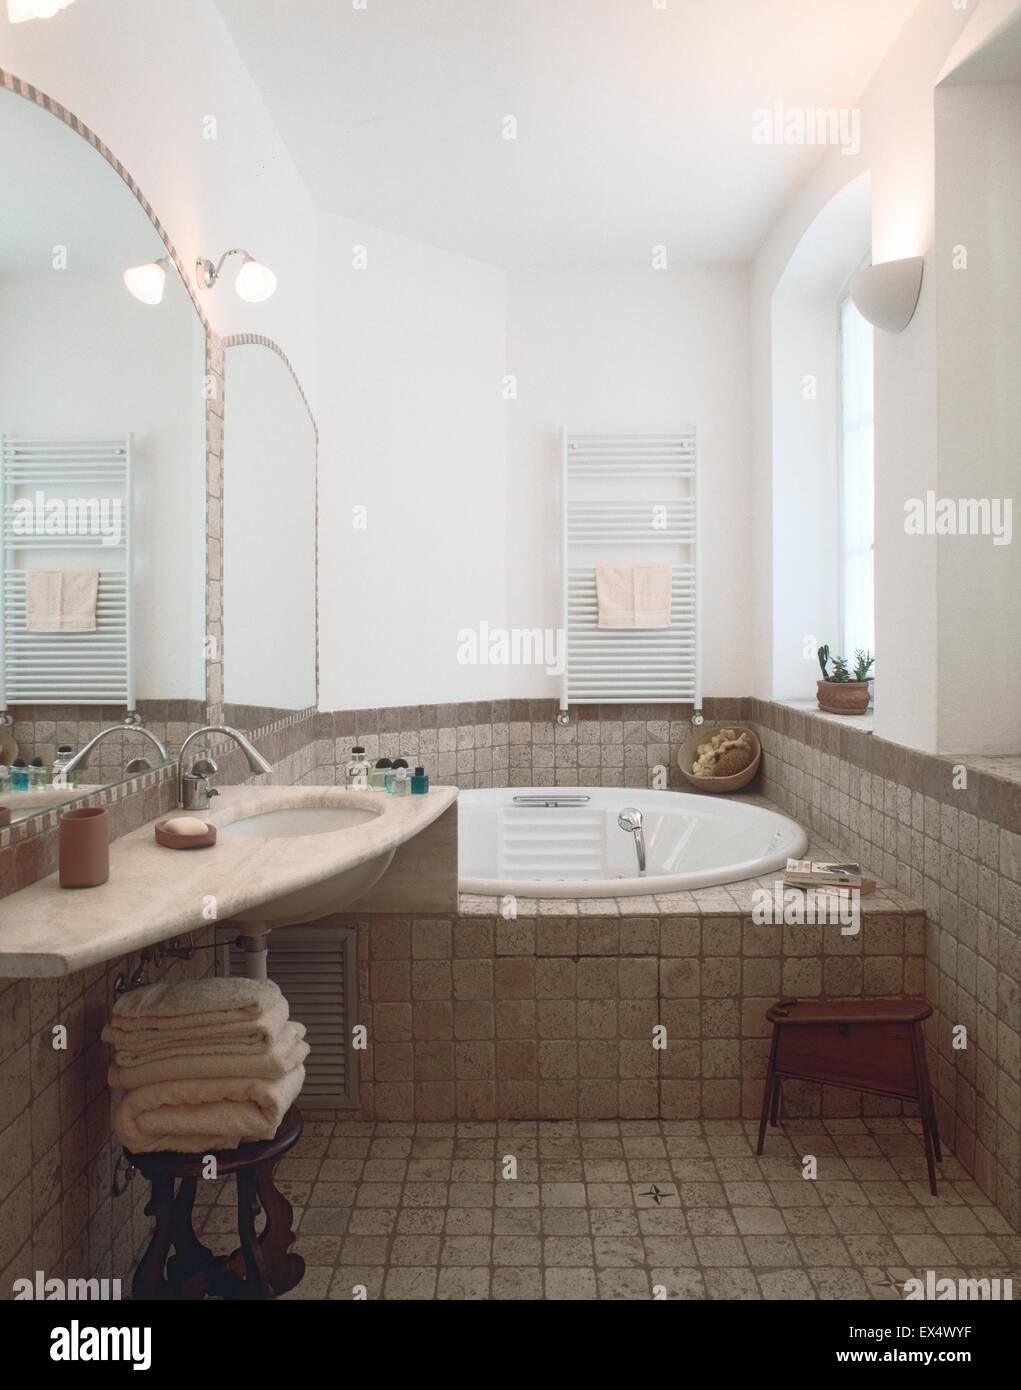 Faszinierend Badezimmer Badewanne Foto Von Innenansicht Des Klassischen Mit Fliesen Stock Mit